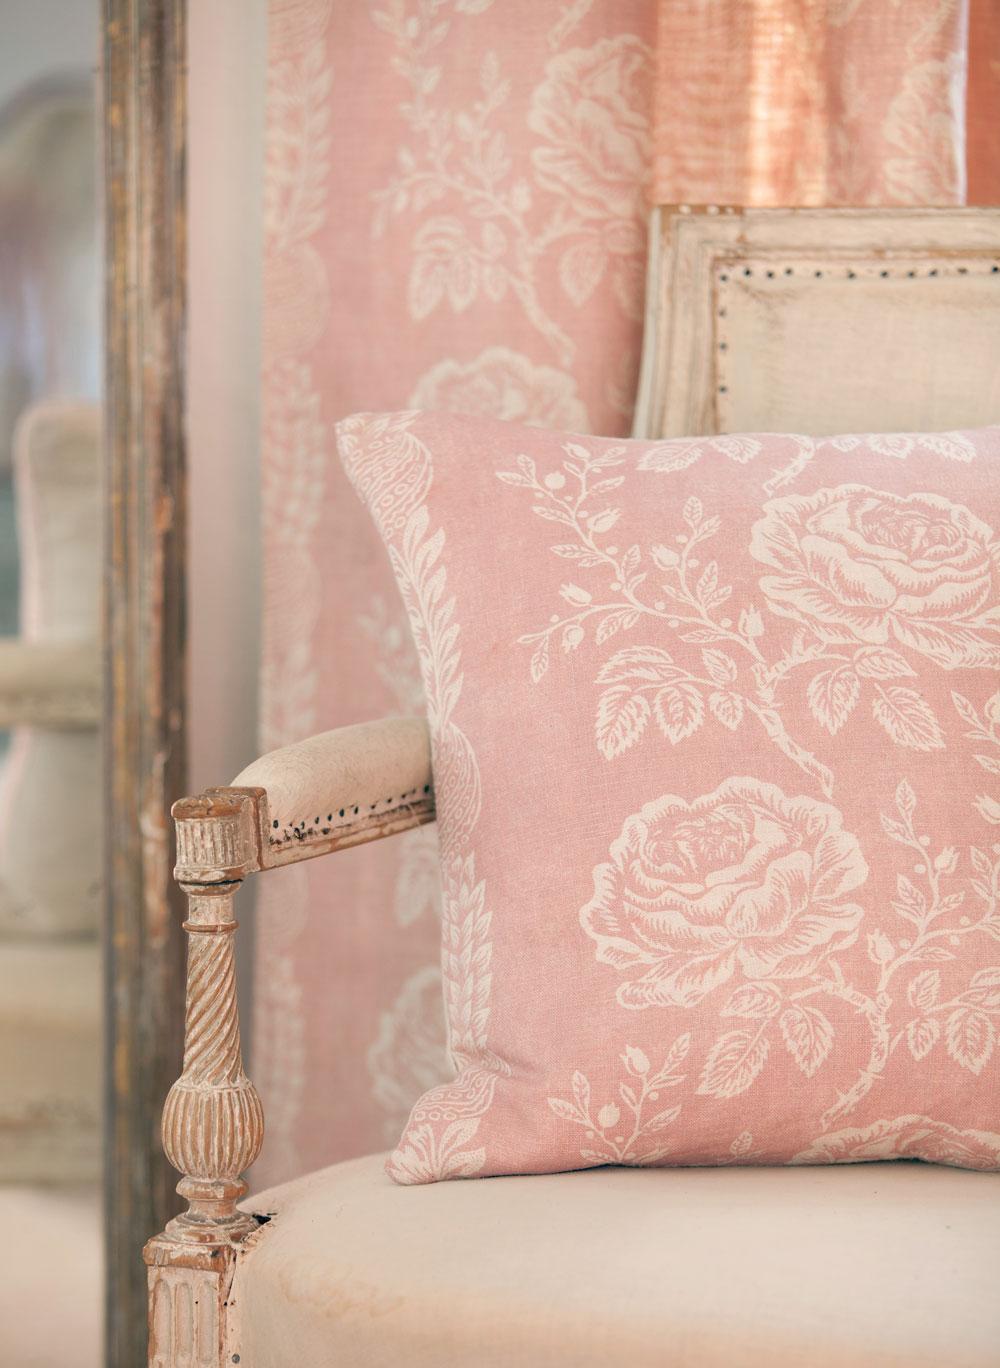 Delilah Cushions